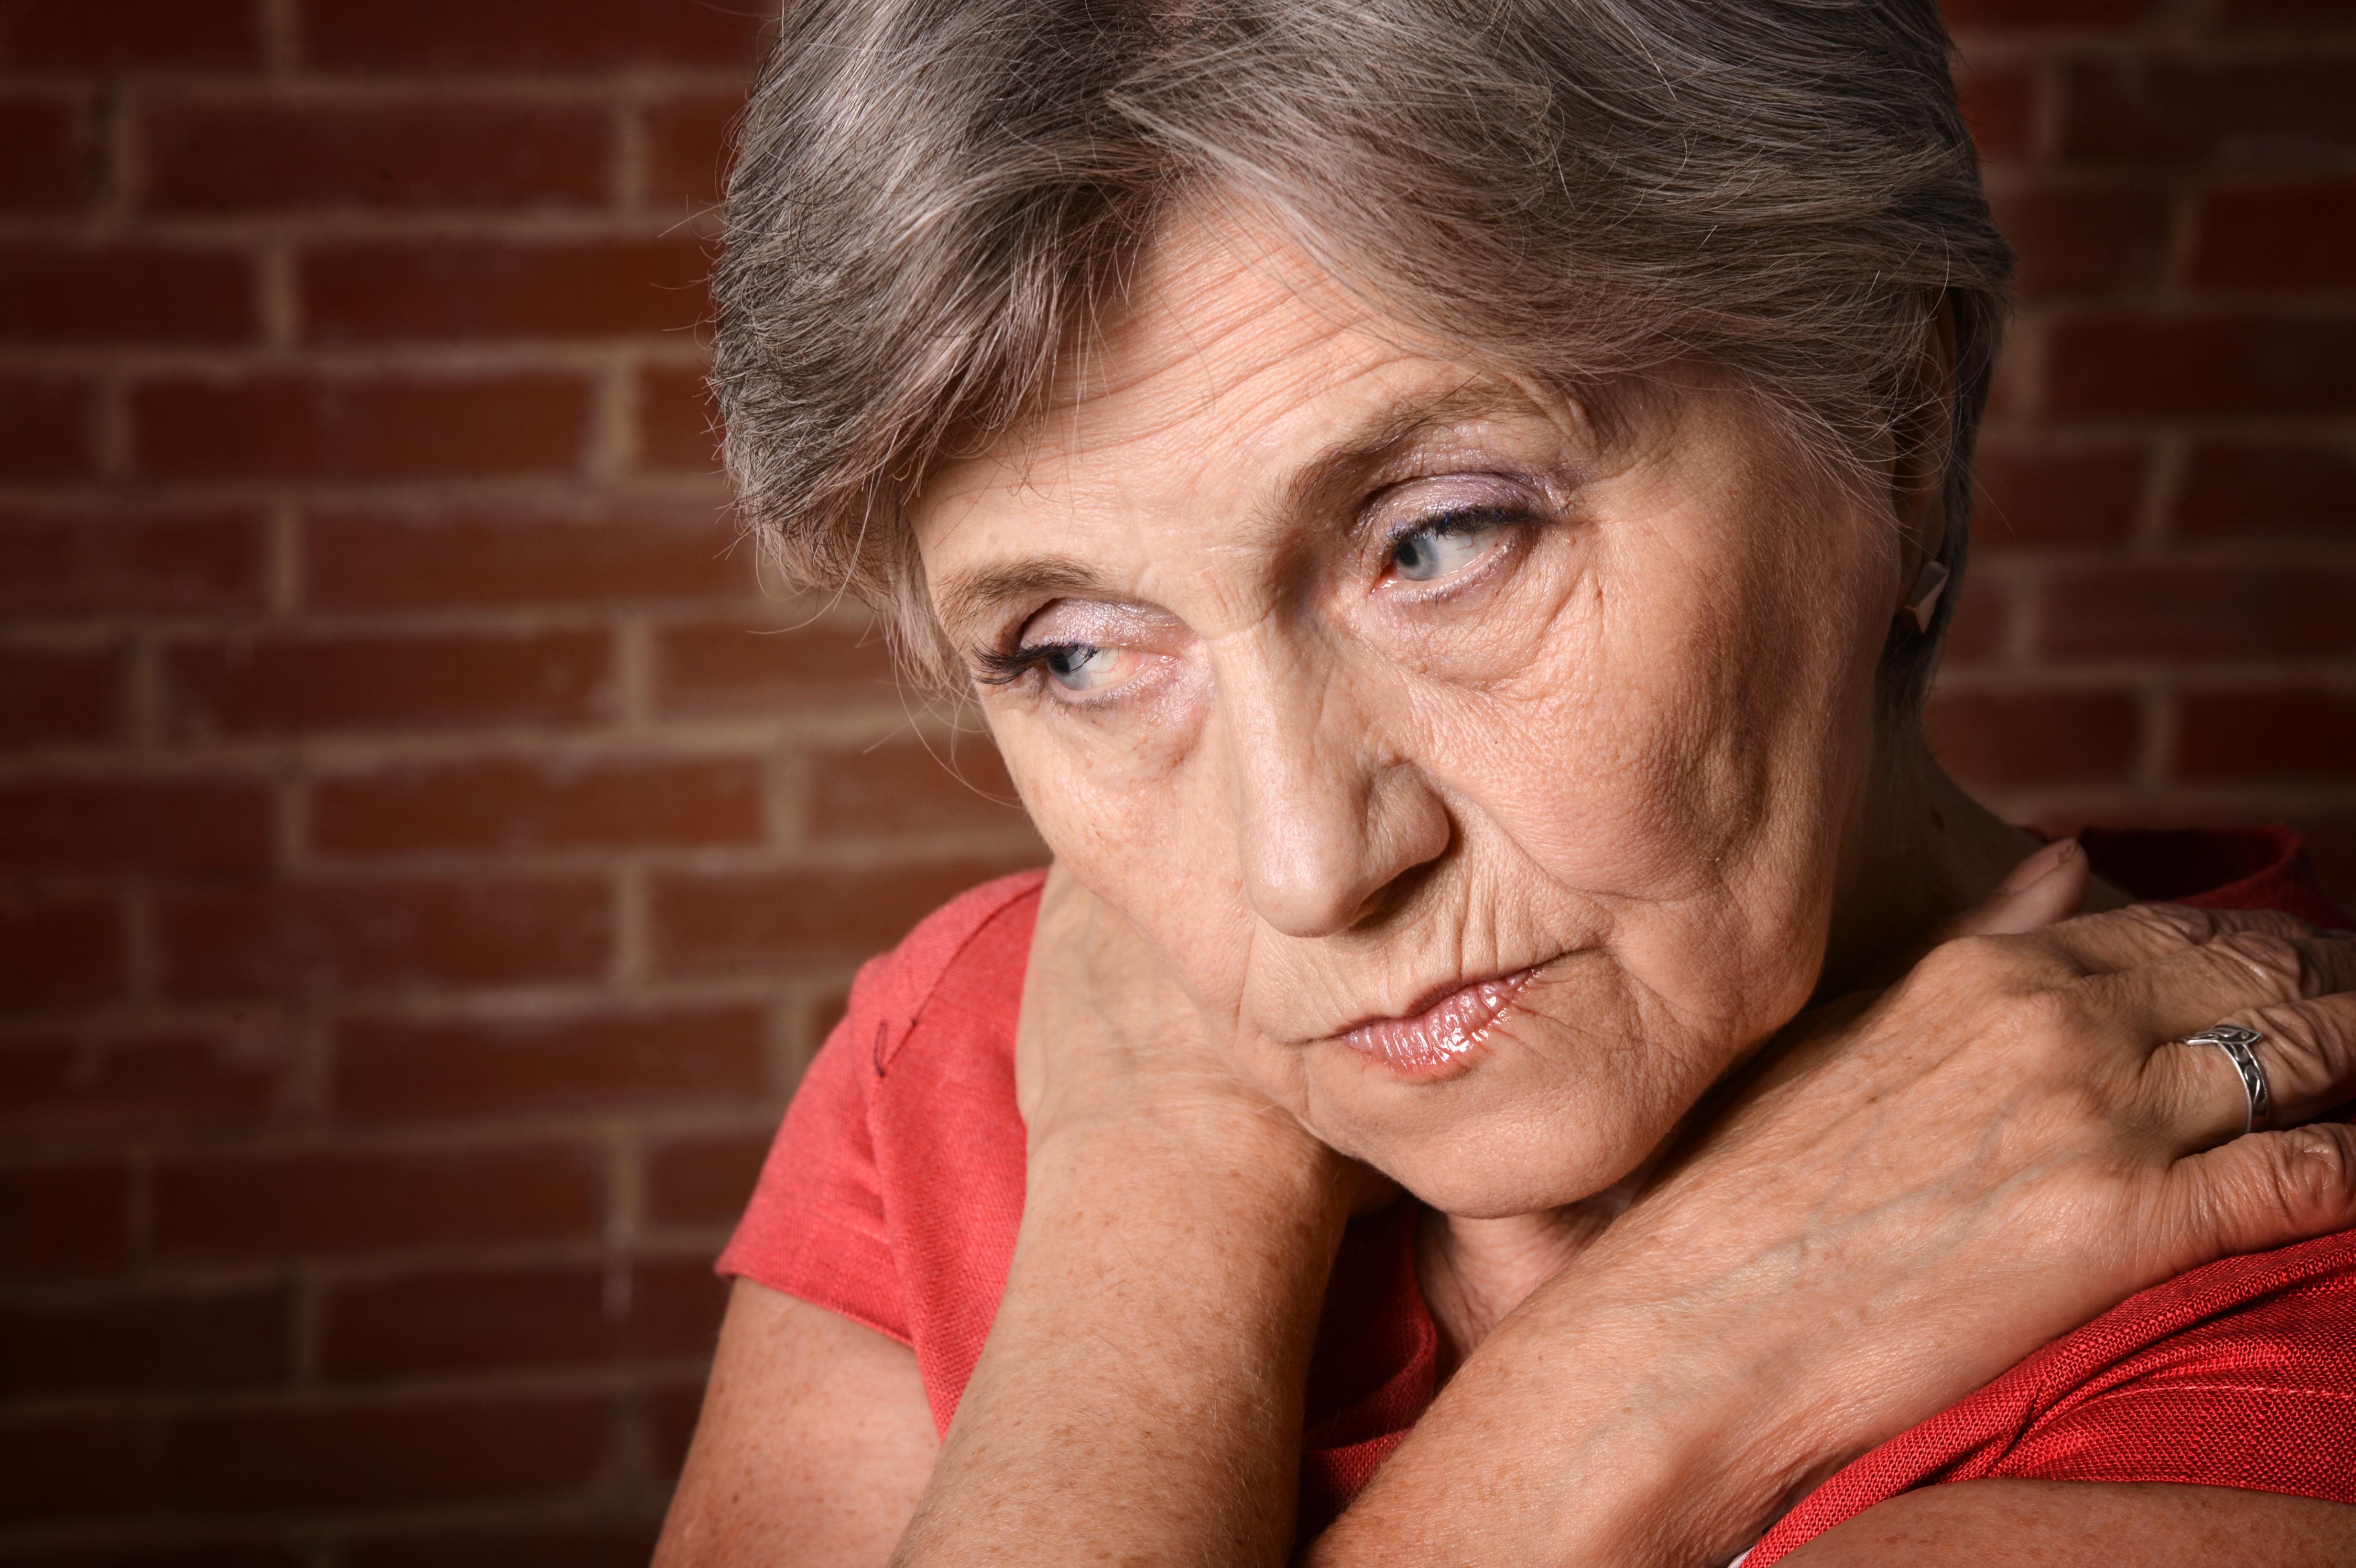 Afasi uppkommer oftast efter en stroke och påverkar den del av hjärnan som styr språket.